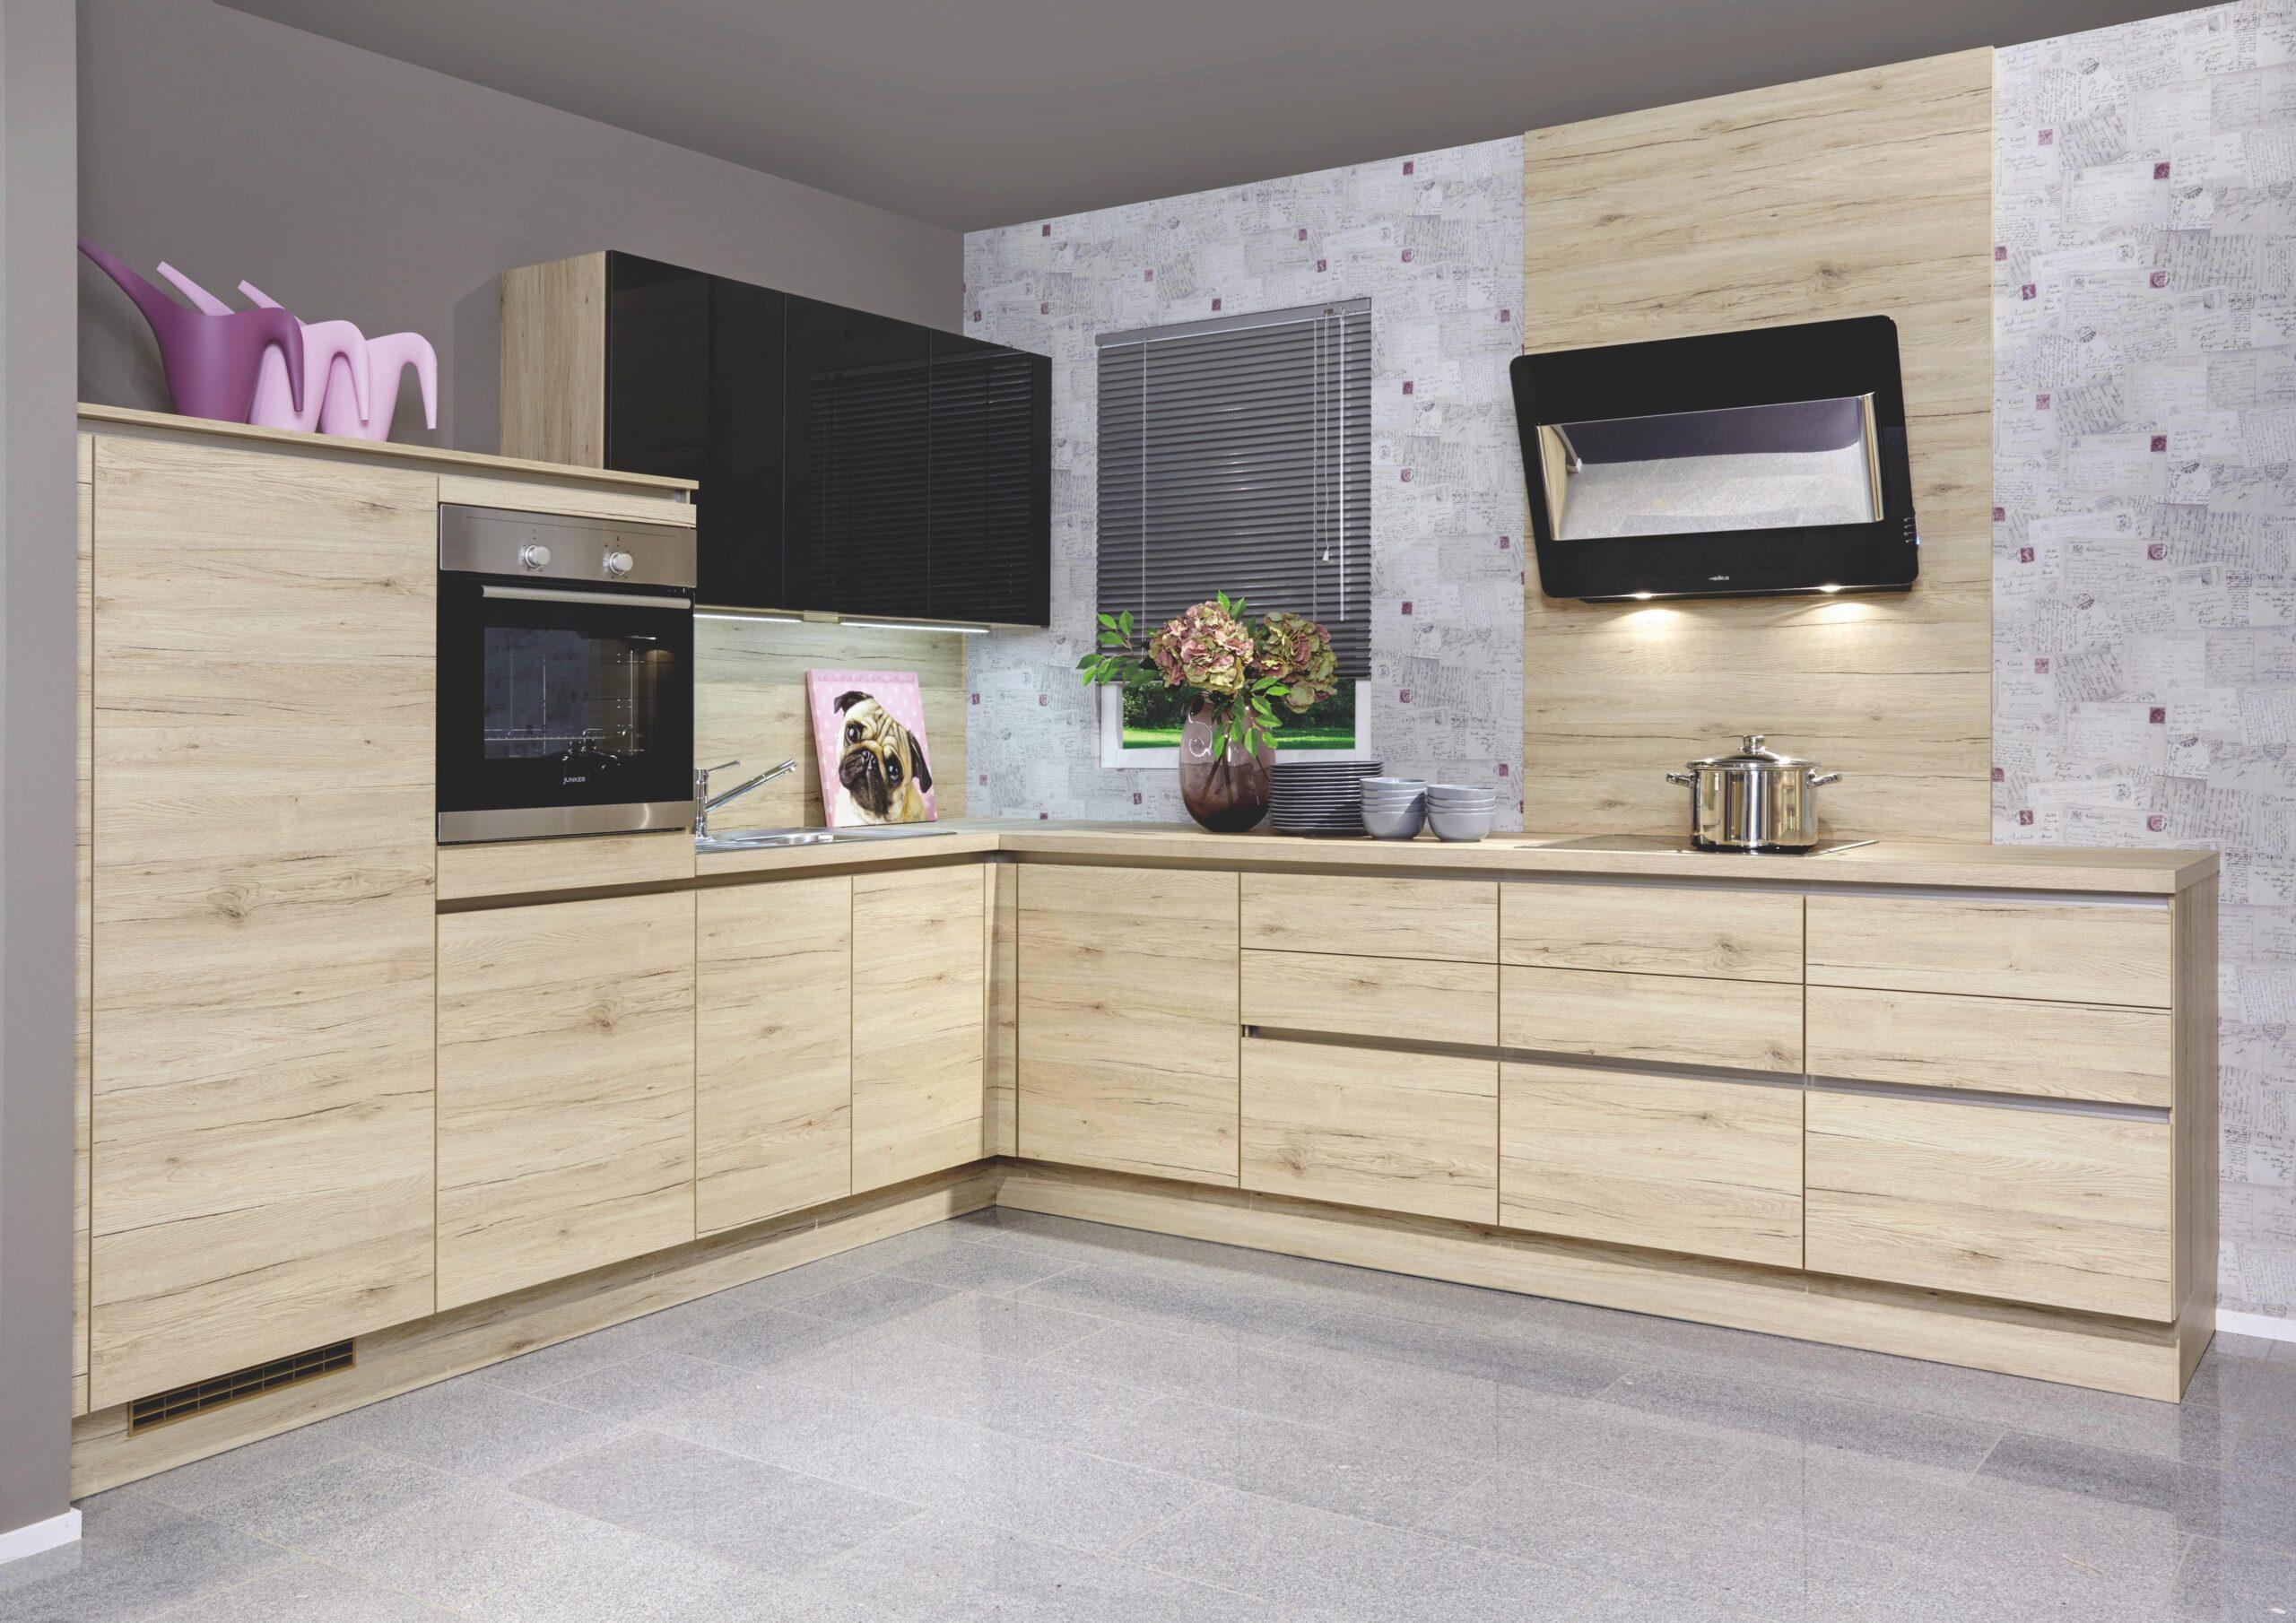 Full Size of Planungskchen Online Entdecken Mbelix Küchen Regal Wohnzimmer Möbelix Küchen